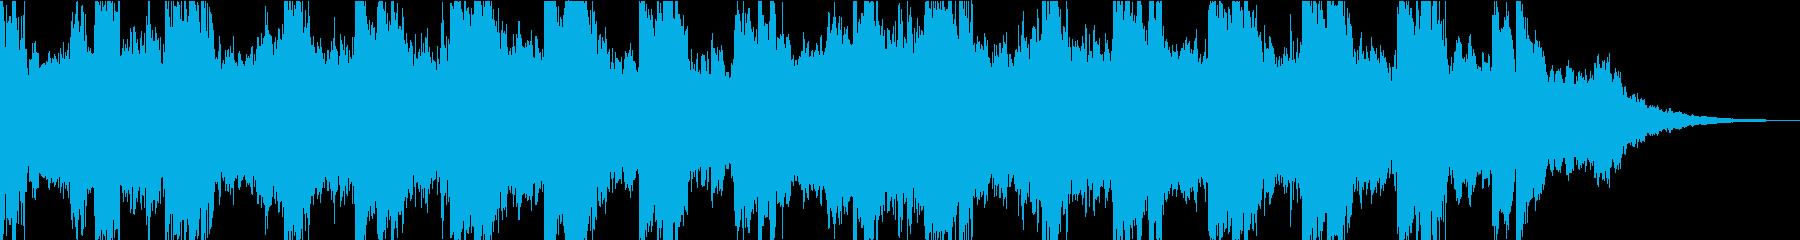 ダークなシンセと民族的雰囲気のBGMの再生済みの波形